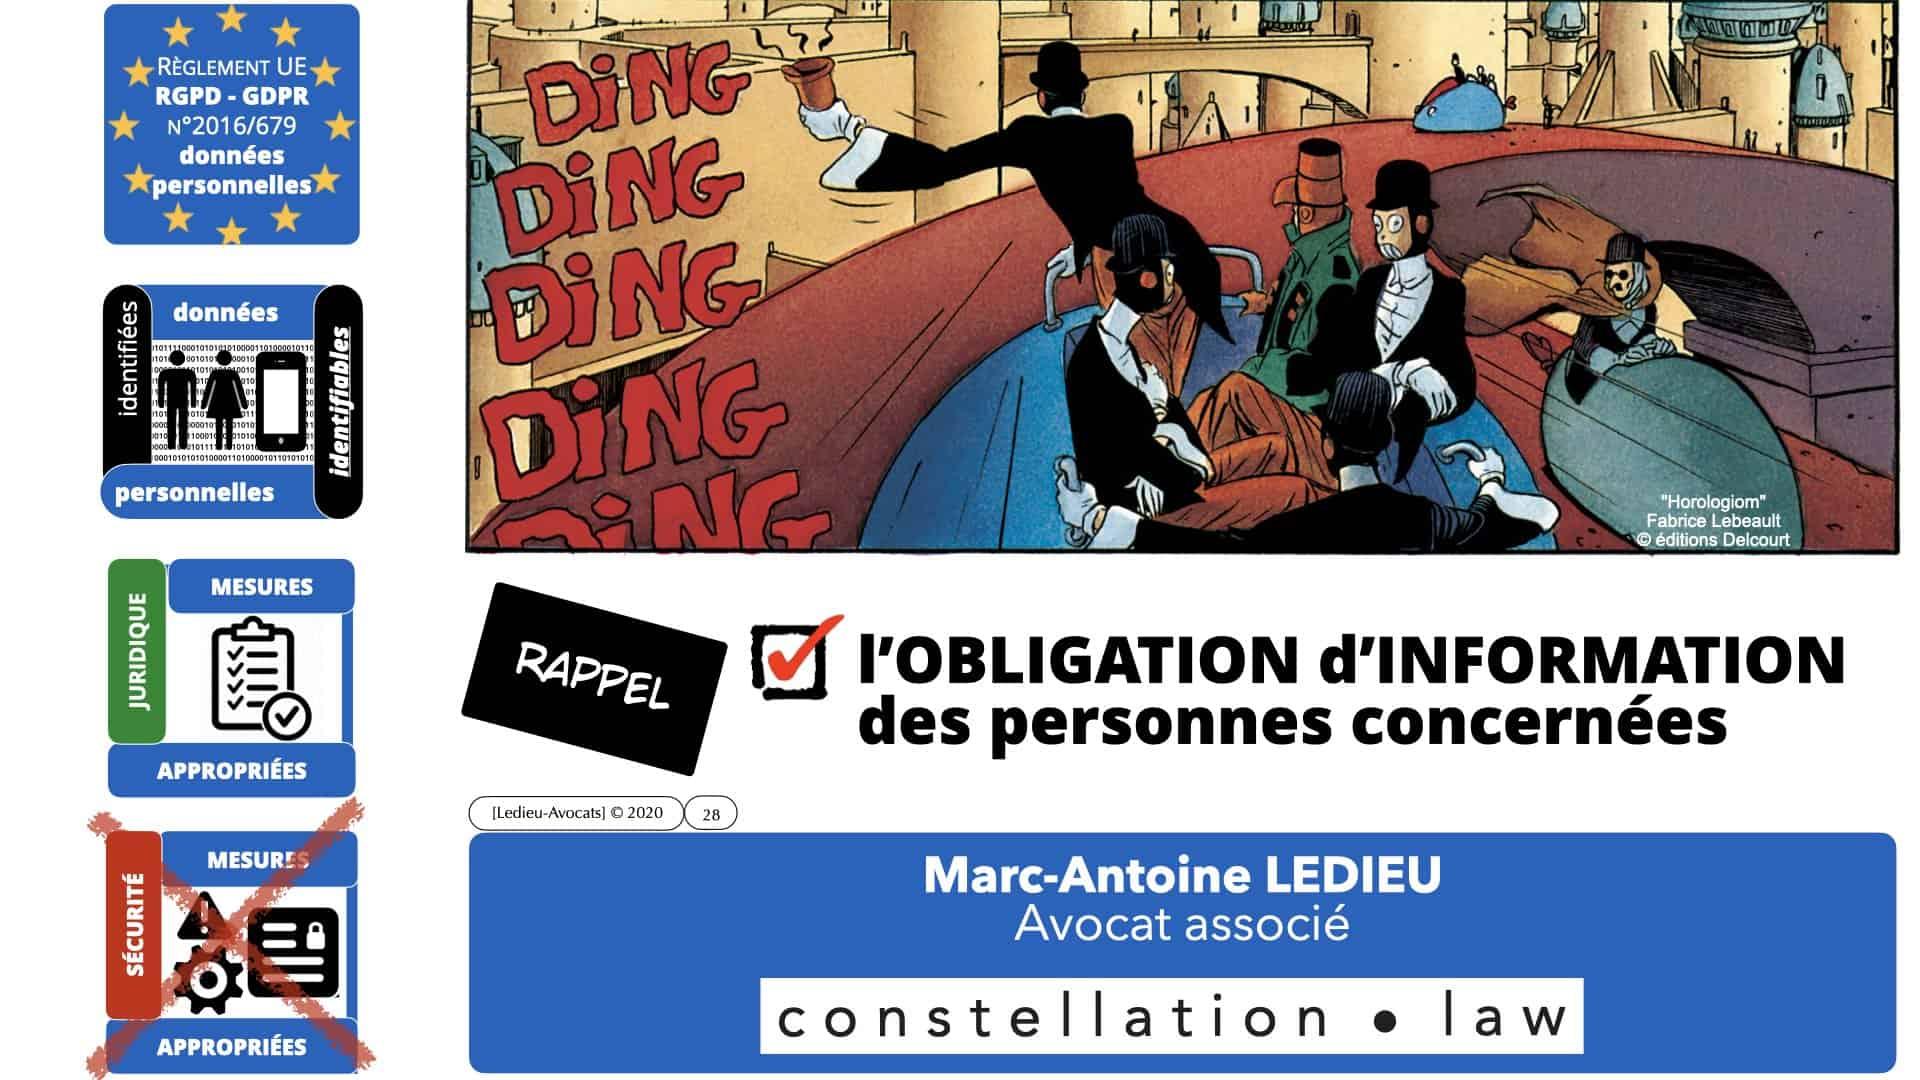 RGPD délibération CNIL Spartoo du 28 juillet 2020 n°SAN 2020-003 *16:9* ©Ledieu-Avocats 19-09-2020.028